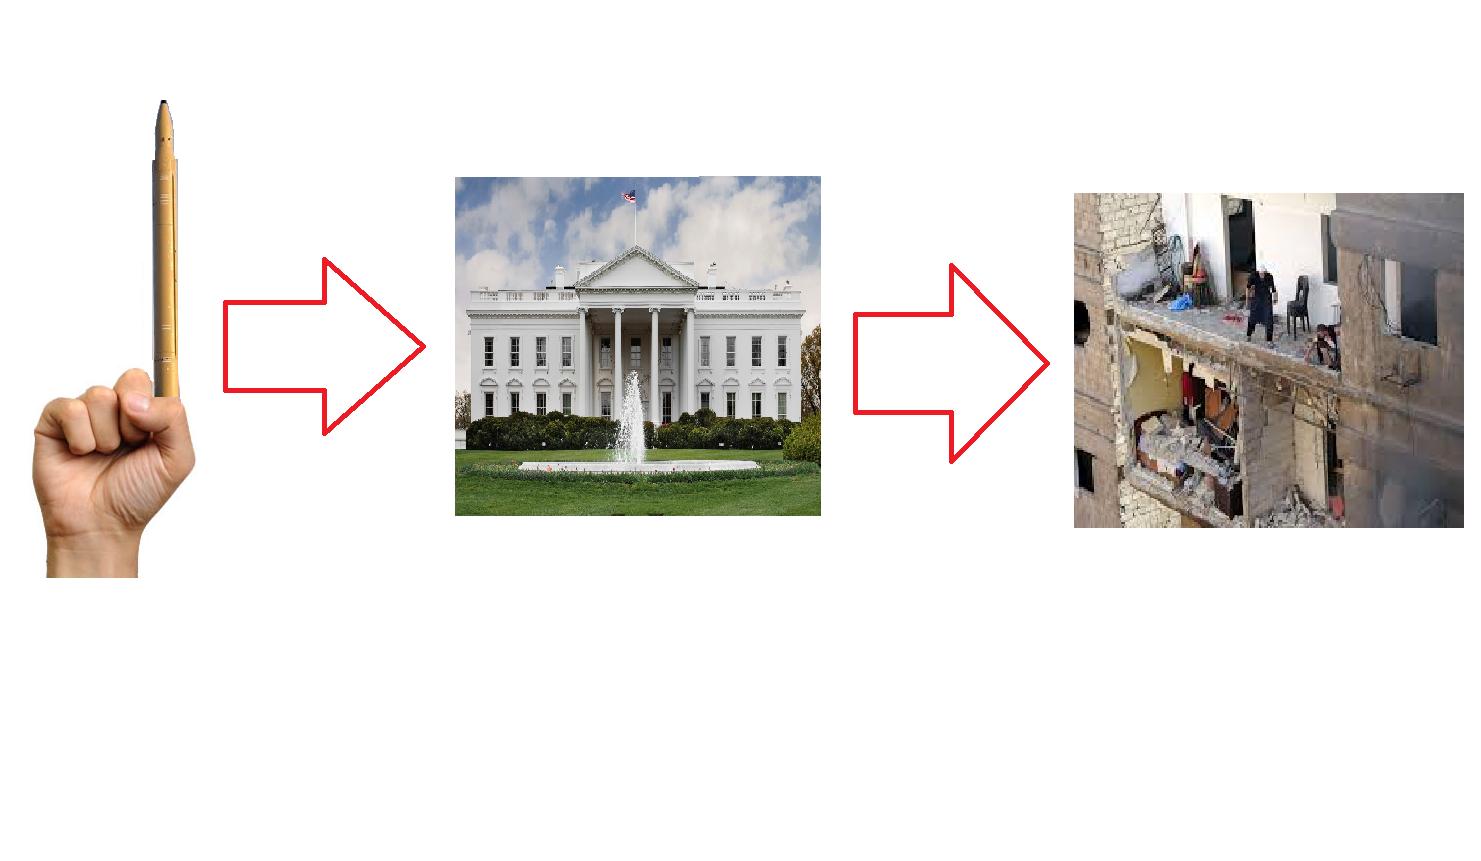 انگشت قاره پیما اثر ناقابلی از نویسنده مطلب